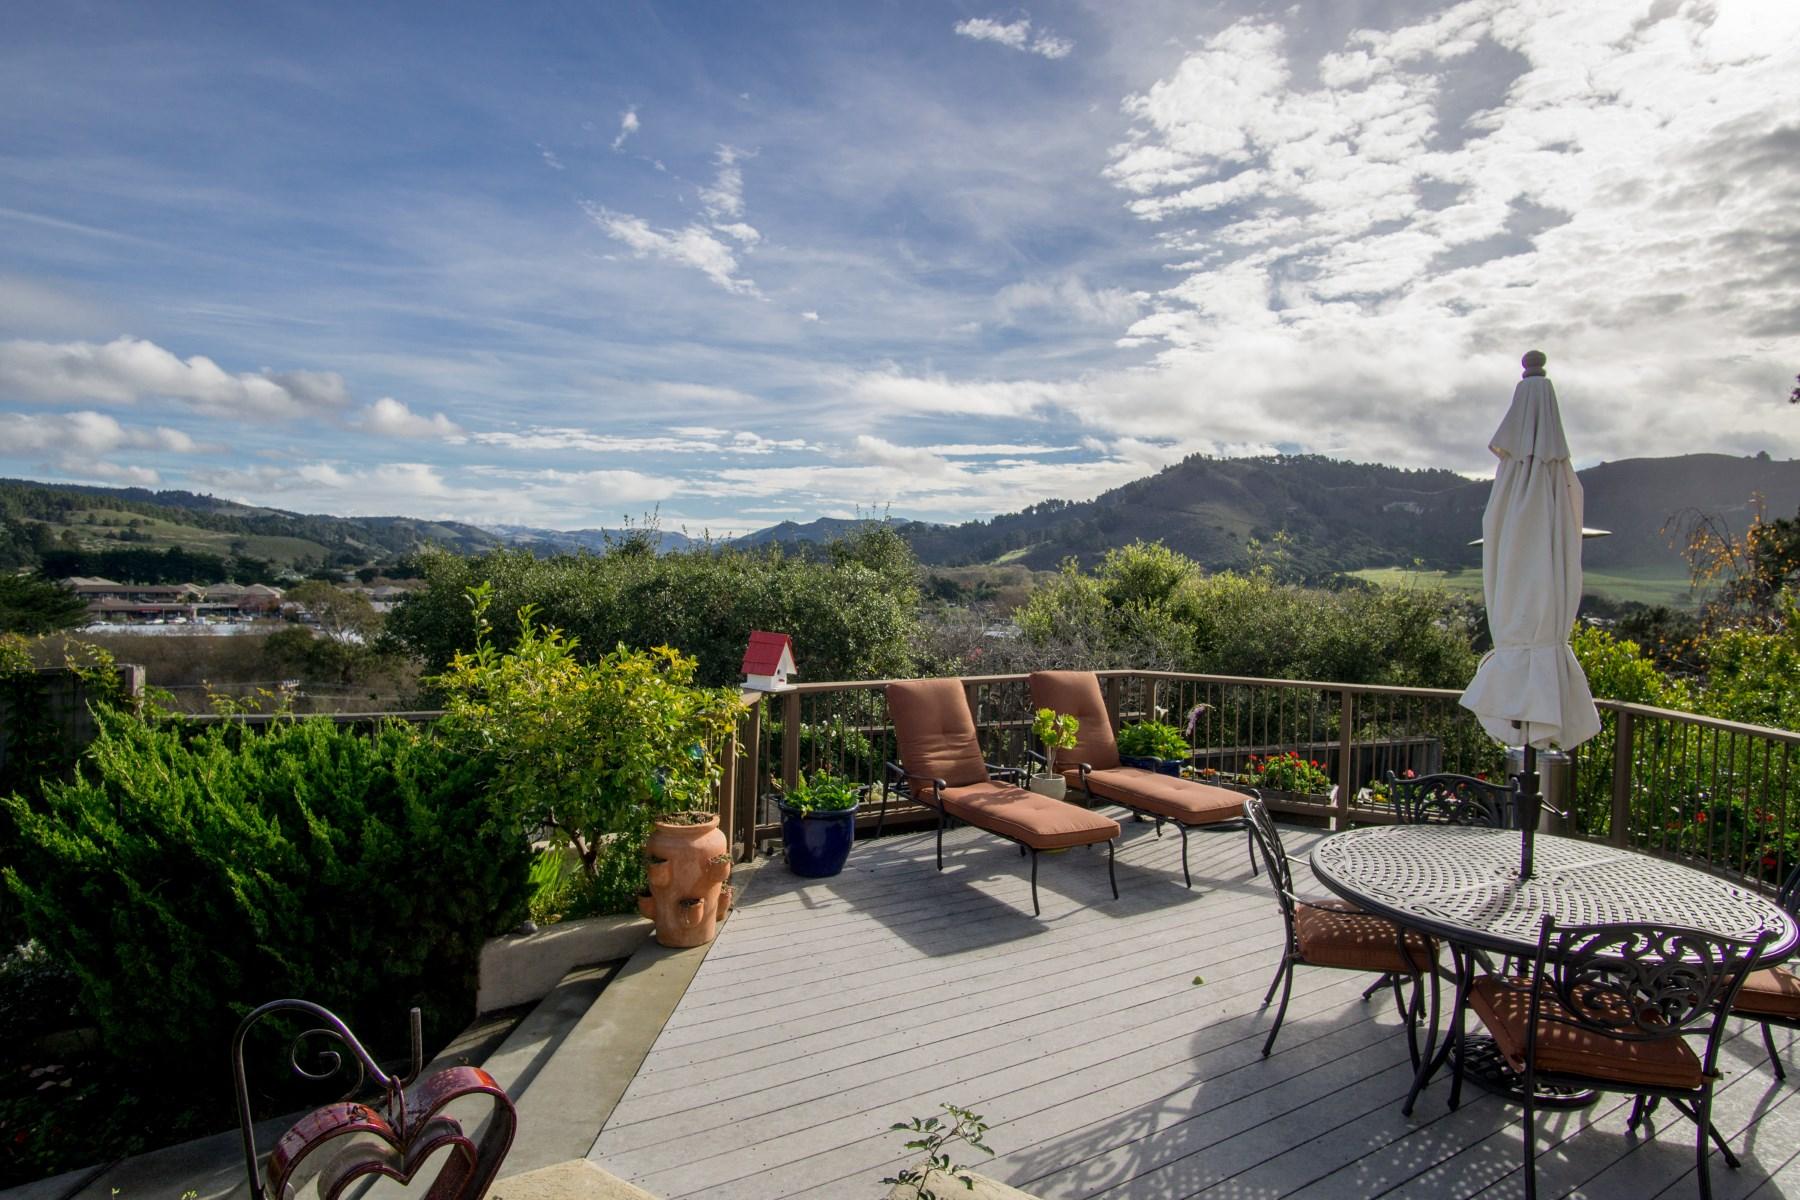 独户住宅 为 销售 在 Breathtaking views of Carmel Valley 26291 Mesa Place 卡梅尔, 加利福尼亚州, 93923 美国